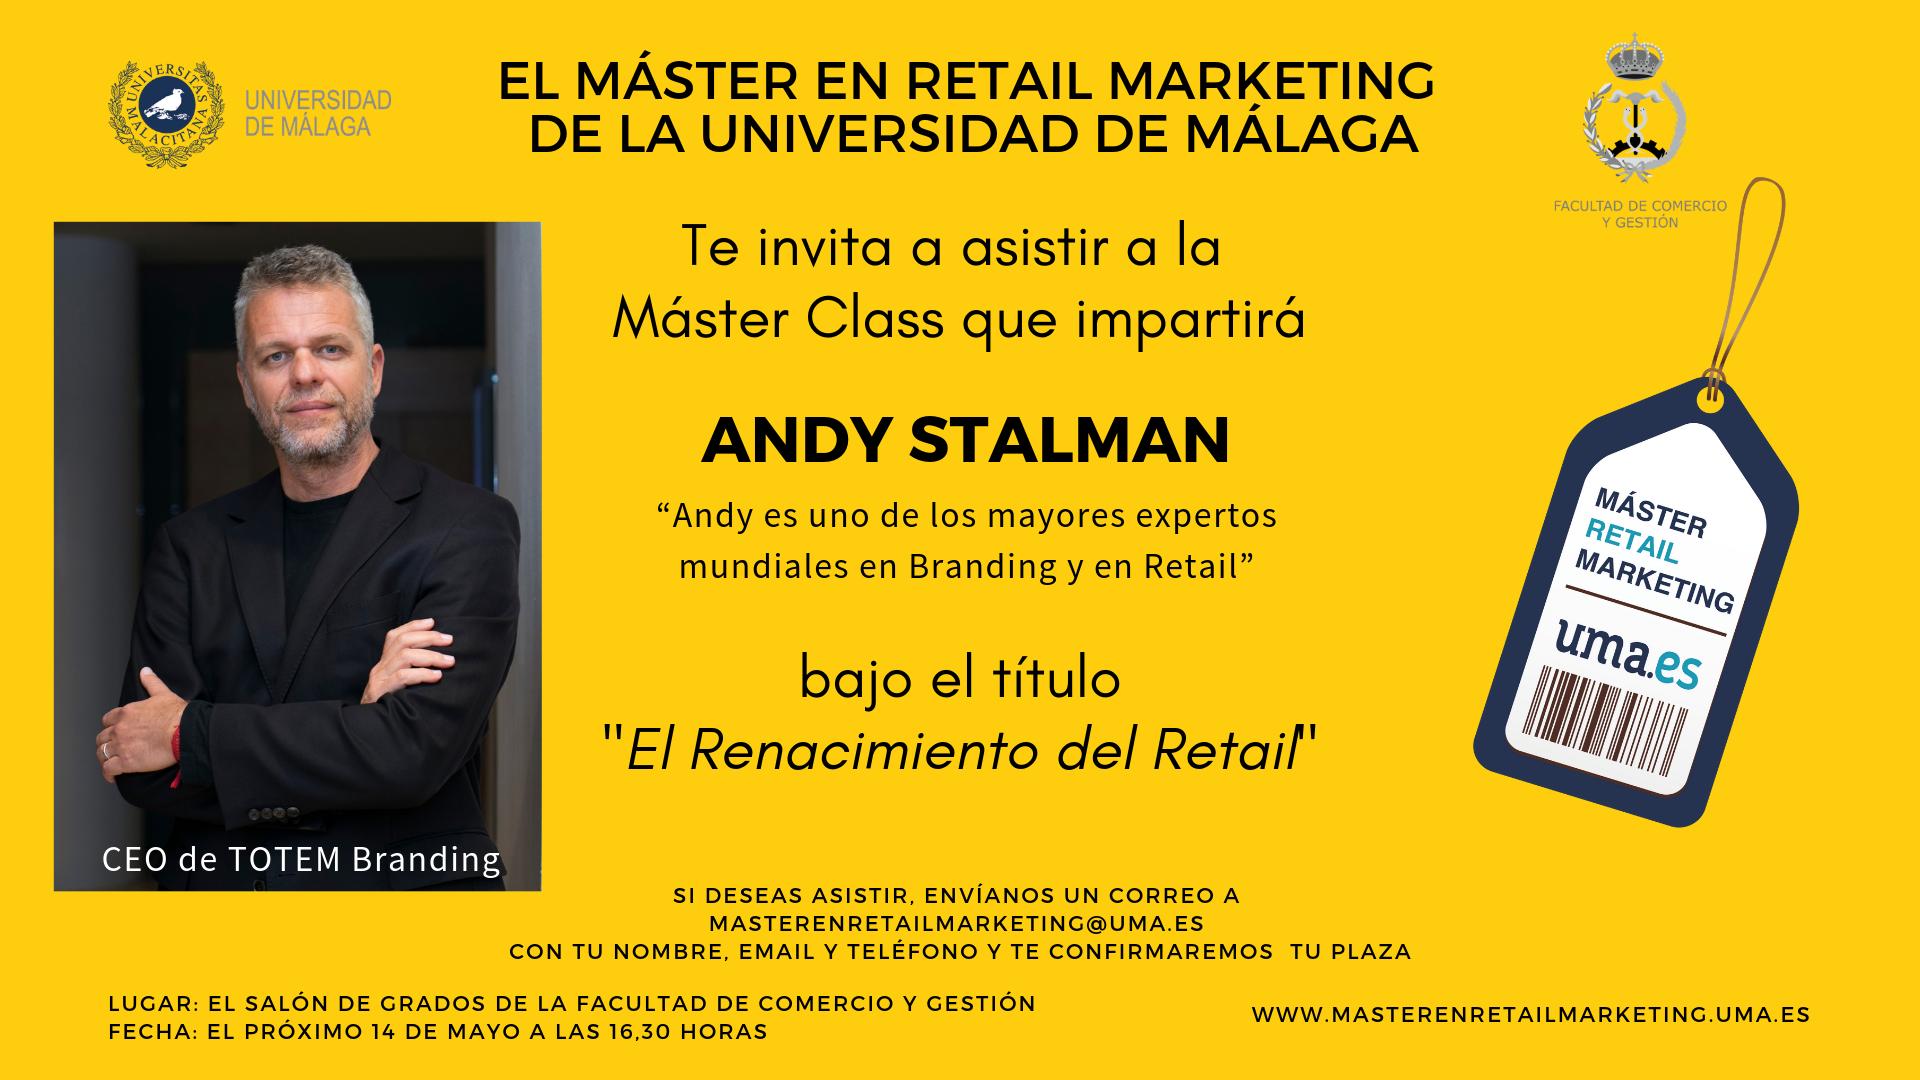 Master Class de Andy Stalman, CEO de Totem Branding, en el Máster de Retail Marketing